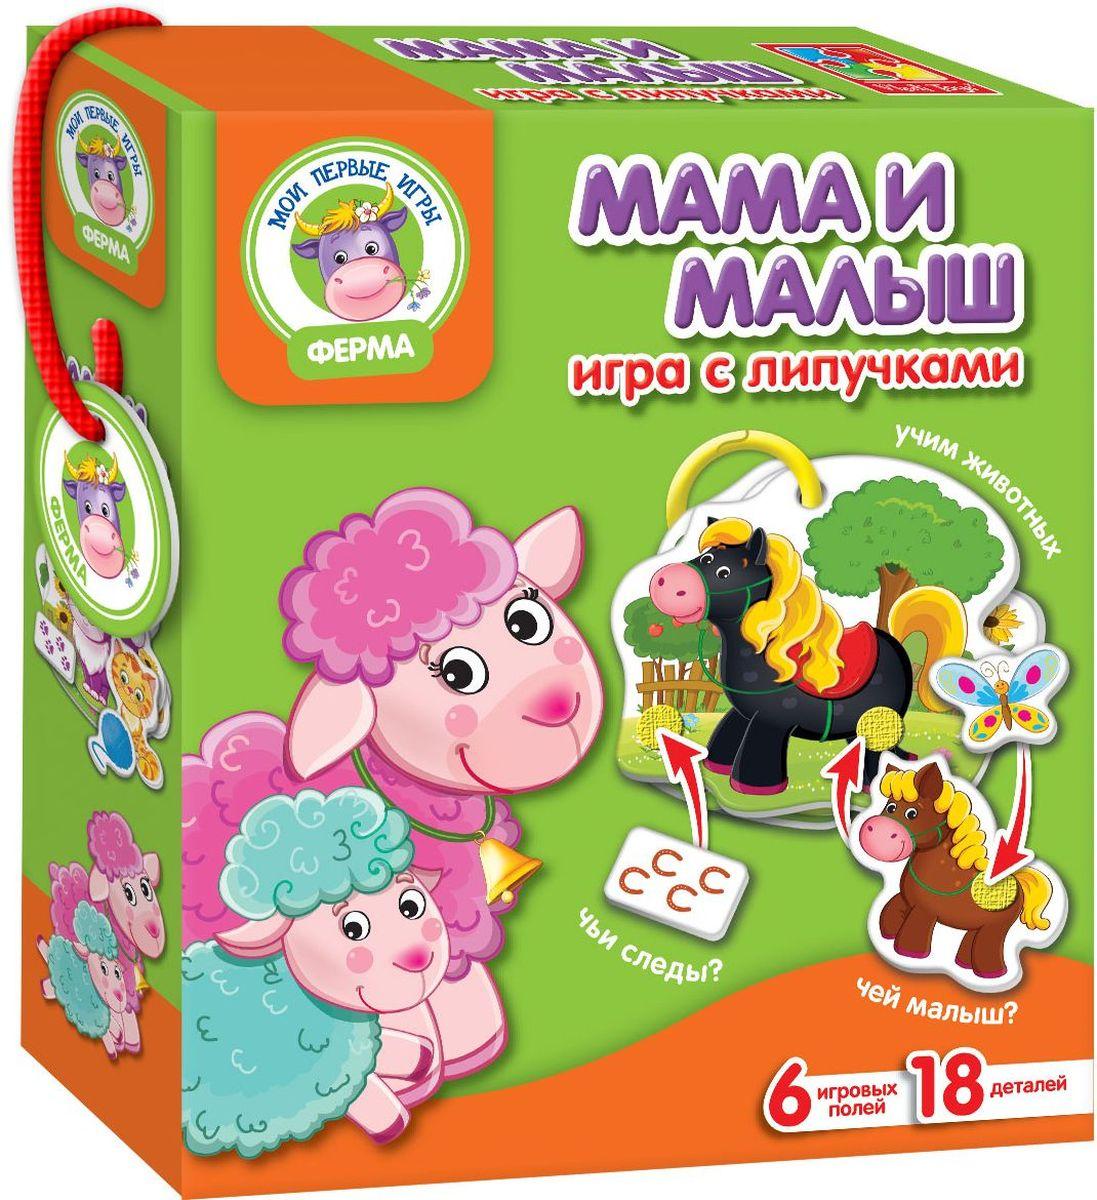 Vladi Toys Обучающая игра Мама и малышVT1310-02Обучающая игра Vladi Toys Мама и малыш включает 6 игровых поля из плотного картона и 18 фигурок с липучками. С помощью липучек необходимо закрепить фигурки на игровых полях в правильных местах. Также в комплекте красочная книжечка с правилами и вариантами игры.